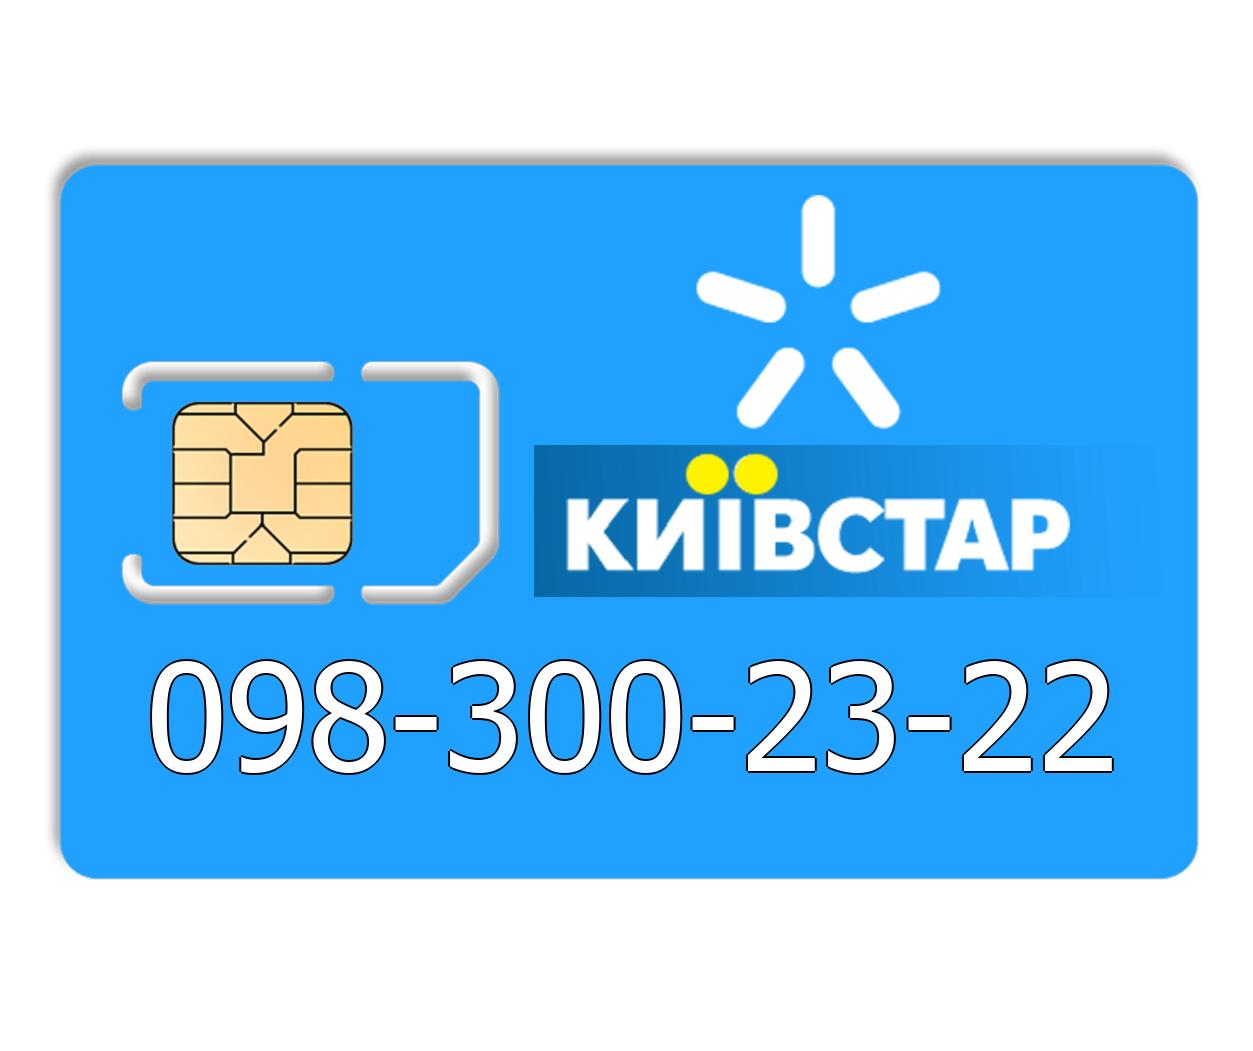 Красивый номер Киевстар 098-300-23-22